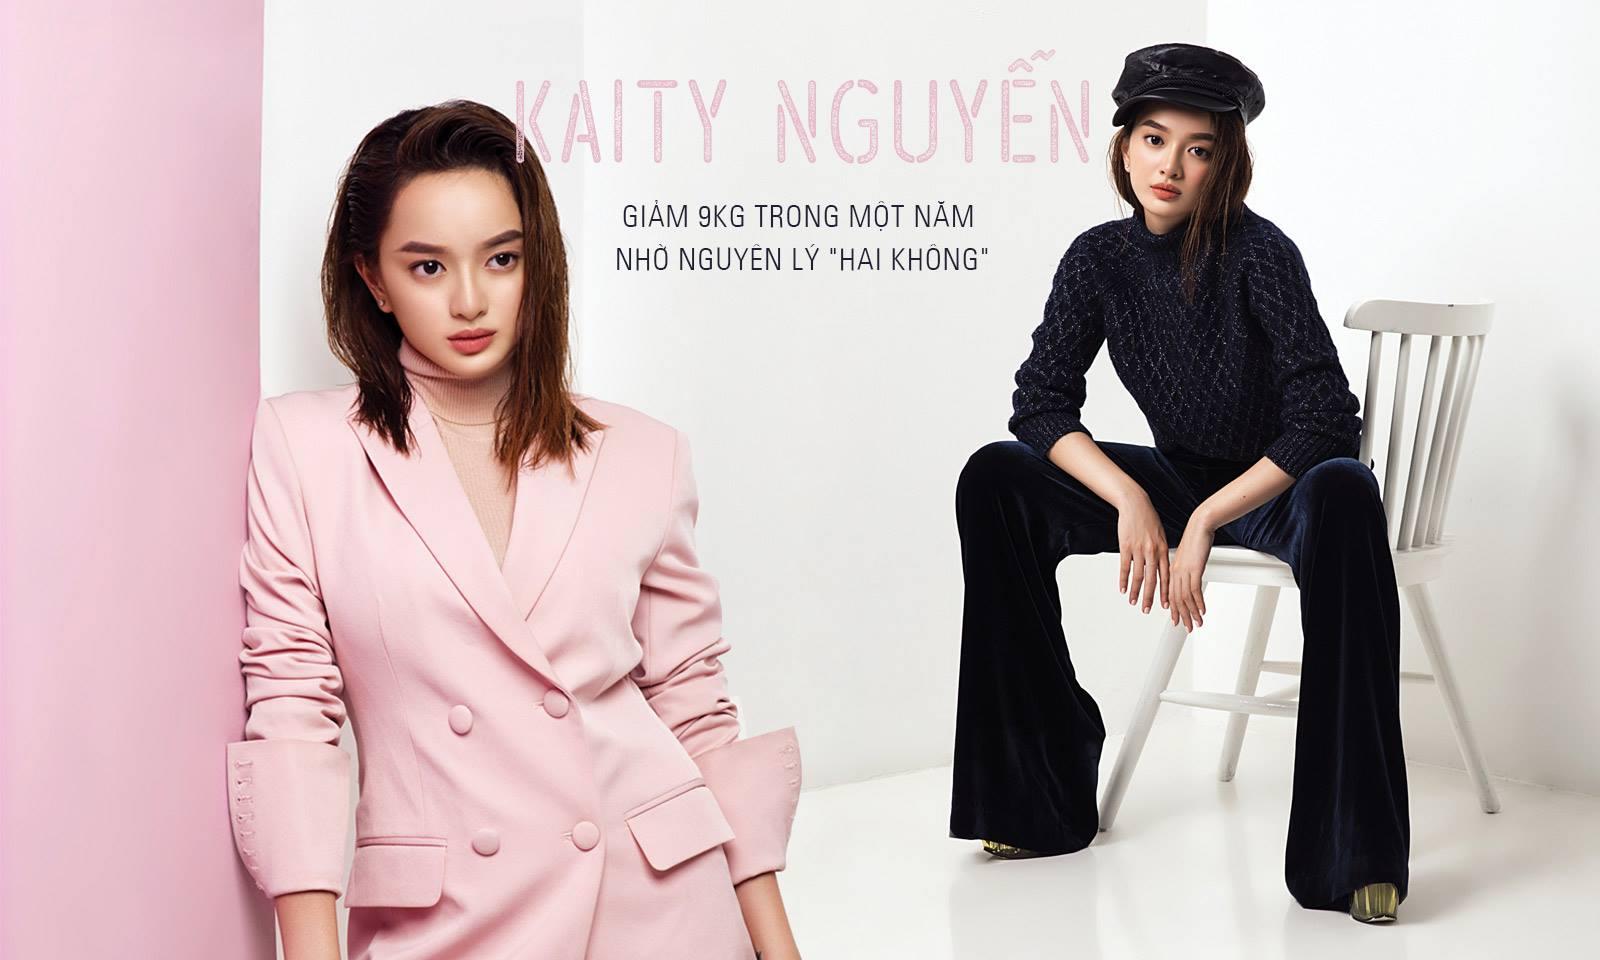 """Kaity Nguyễn giảm 9kg trong một năm nhờ nguyên lý """"hai không"""""""